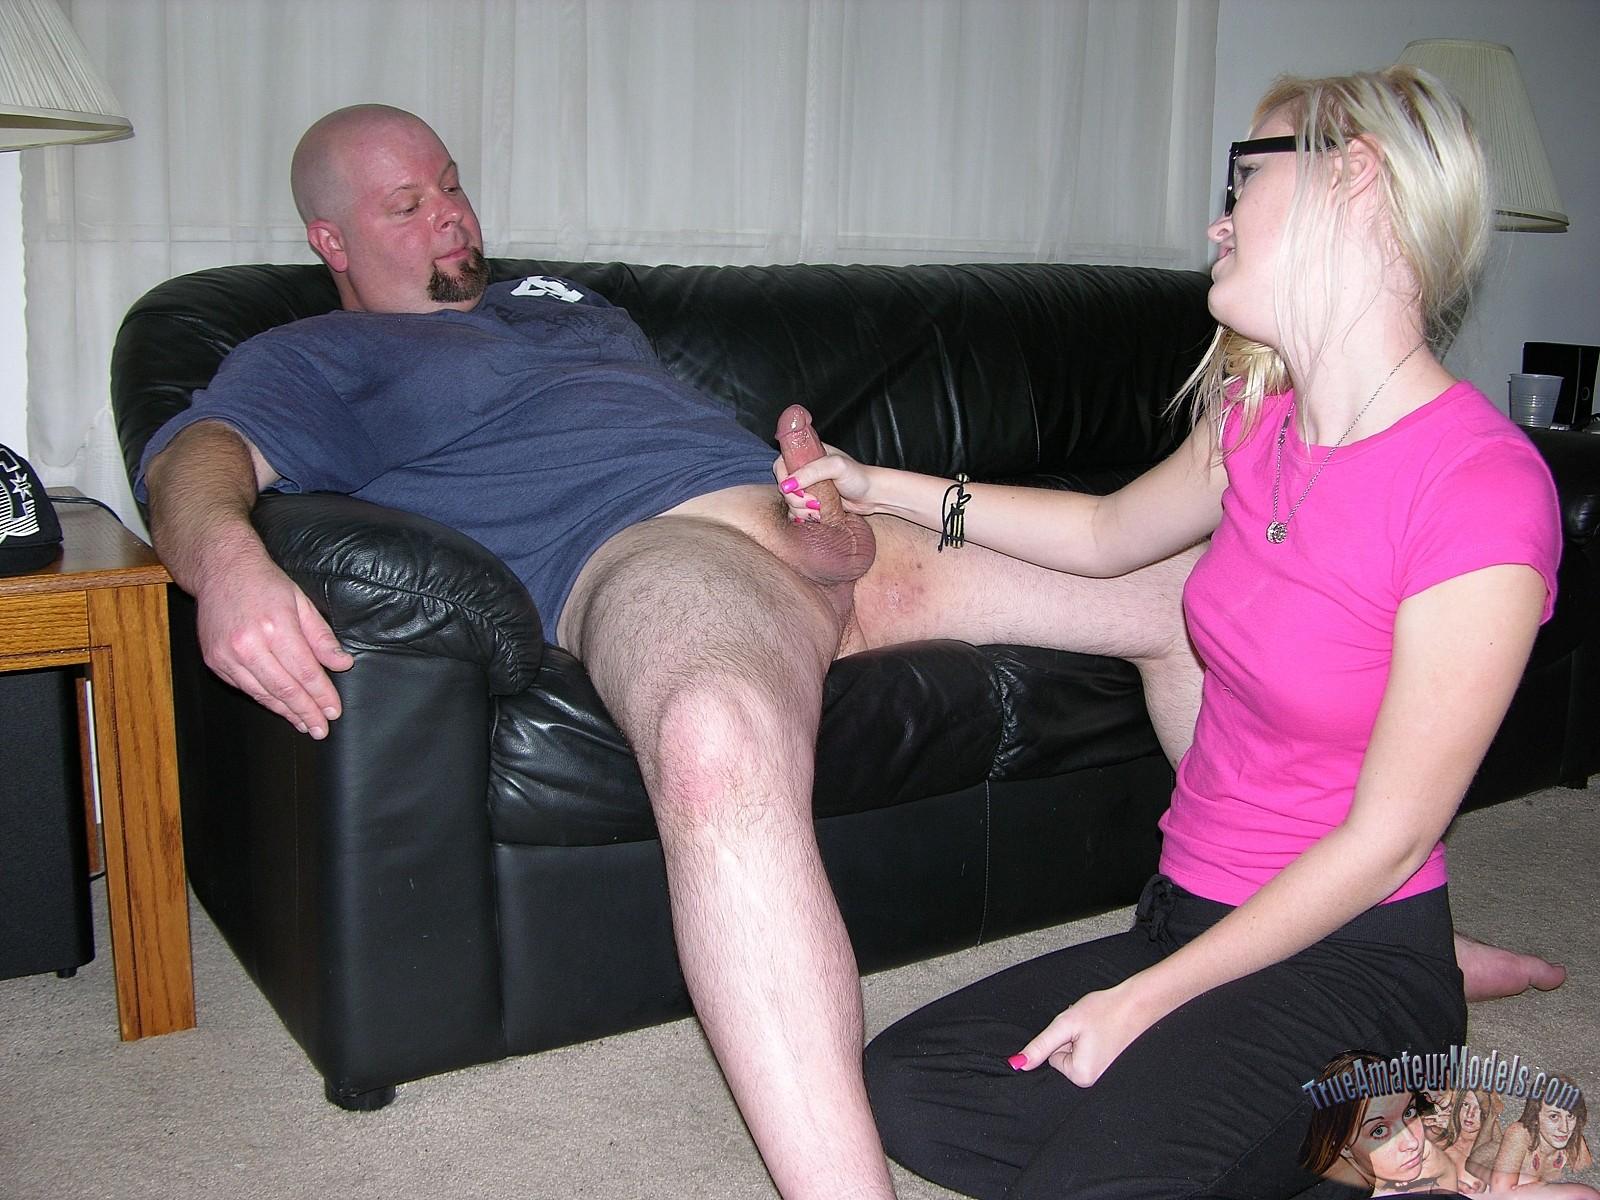 Amateur Girlfriend Amanda - True Amateur Models Amanda Hot Amateur Nerd Girl Jerks Off Dude On Couch  161936 - Good Sex Porn